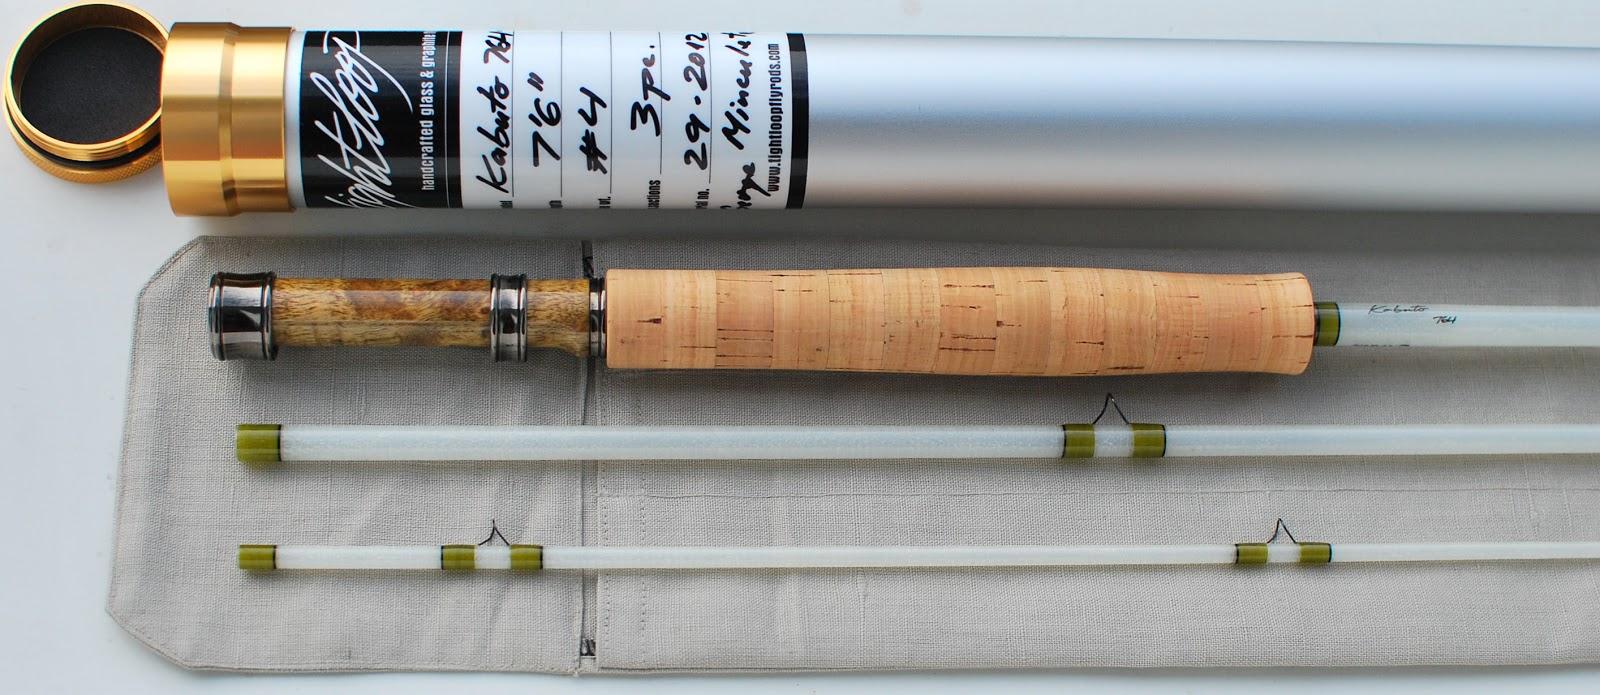 Pinterest the world s catalog of ideas for Fiberglass fishing rods